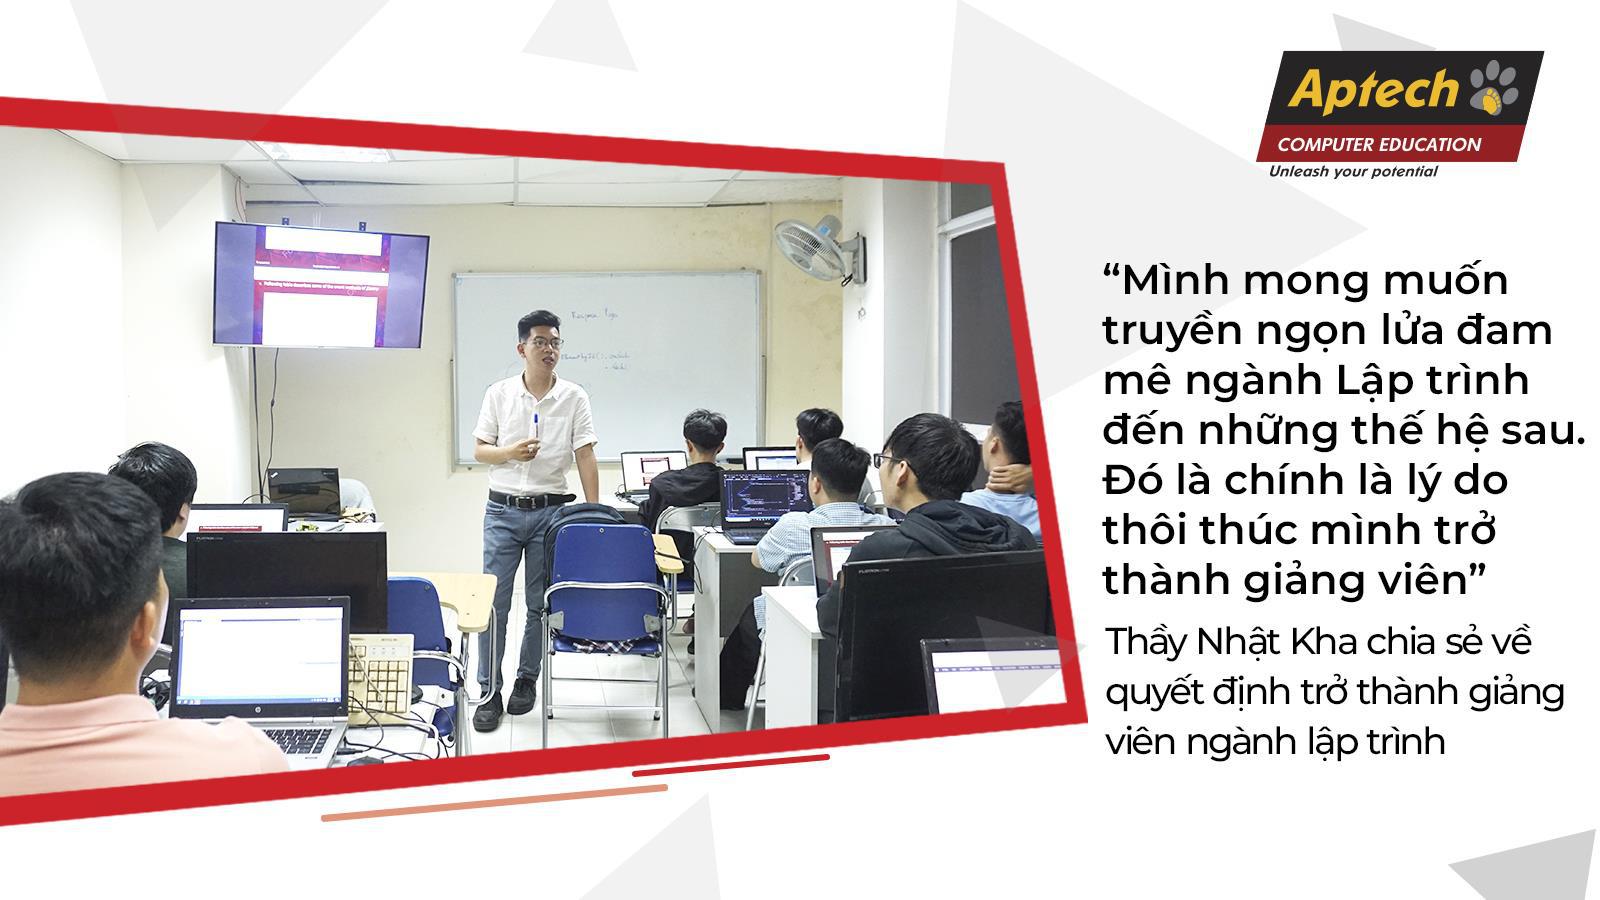 Hành trình theo đuổi đam mê lập trình của thầy giáo 9X - Ảnh 3.